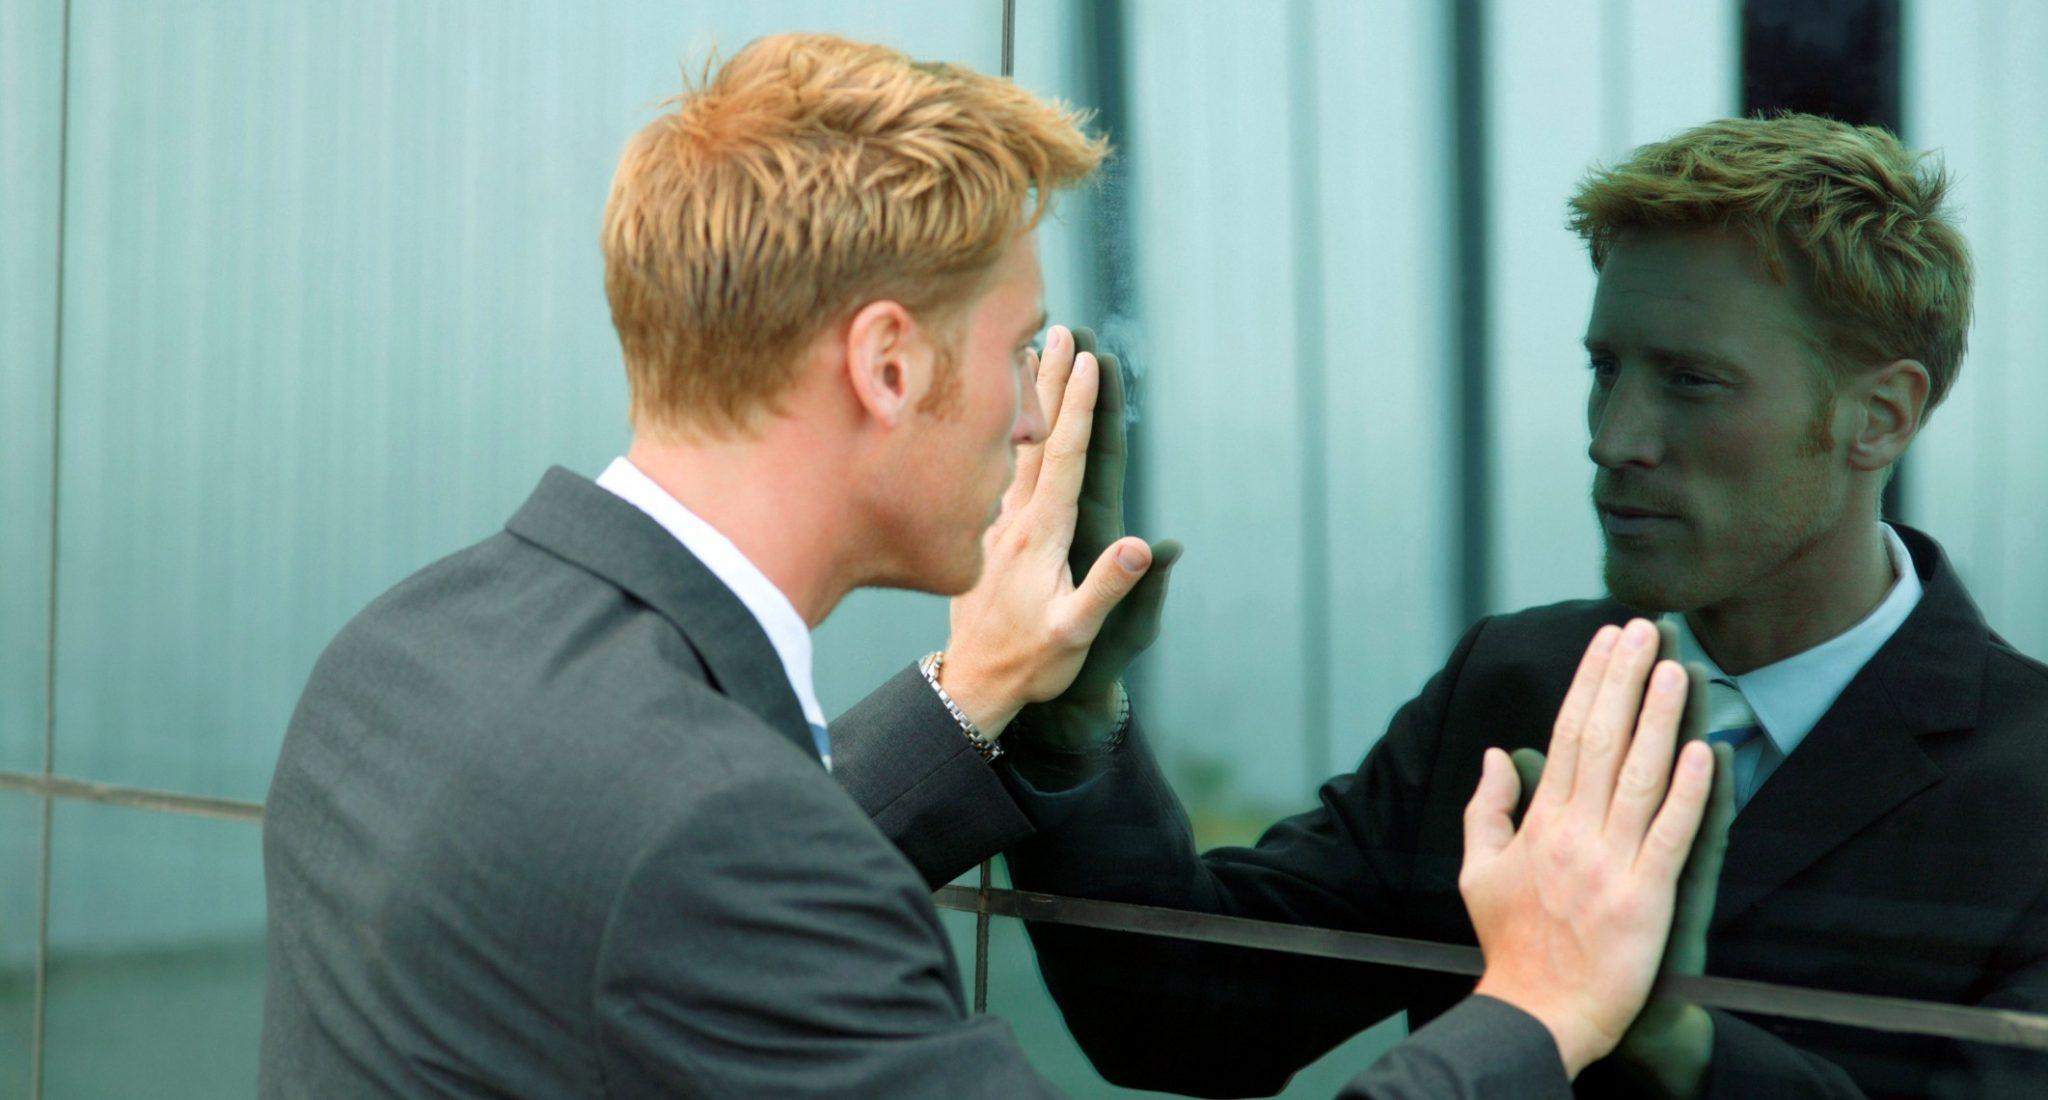 Consulenti d'impresa a confronto con il loro riflesso